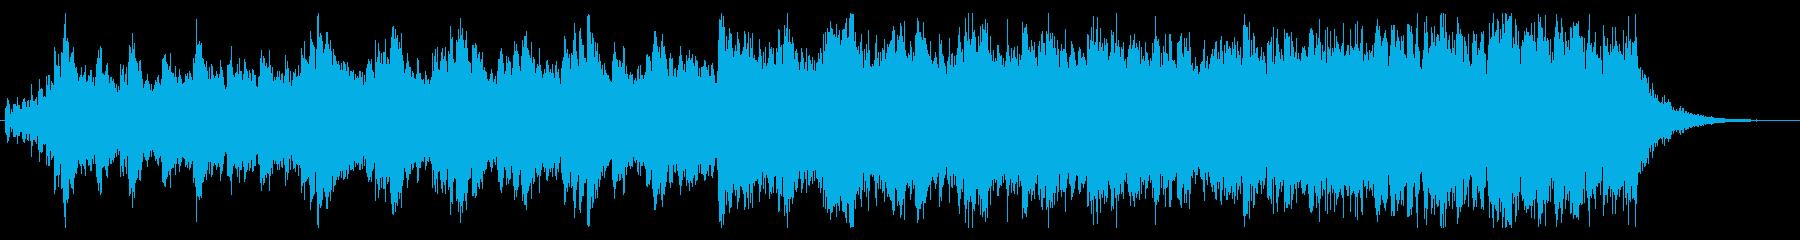 ★ややシリアスなEPICオーケストラ✡Aの再生済みの波形